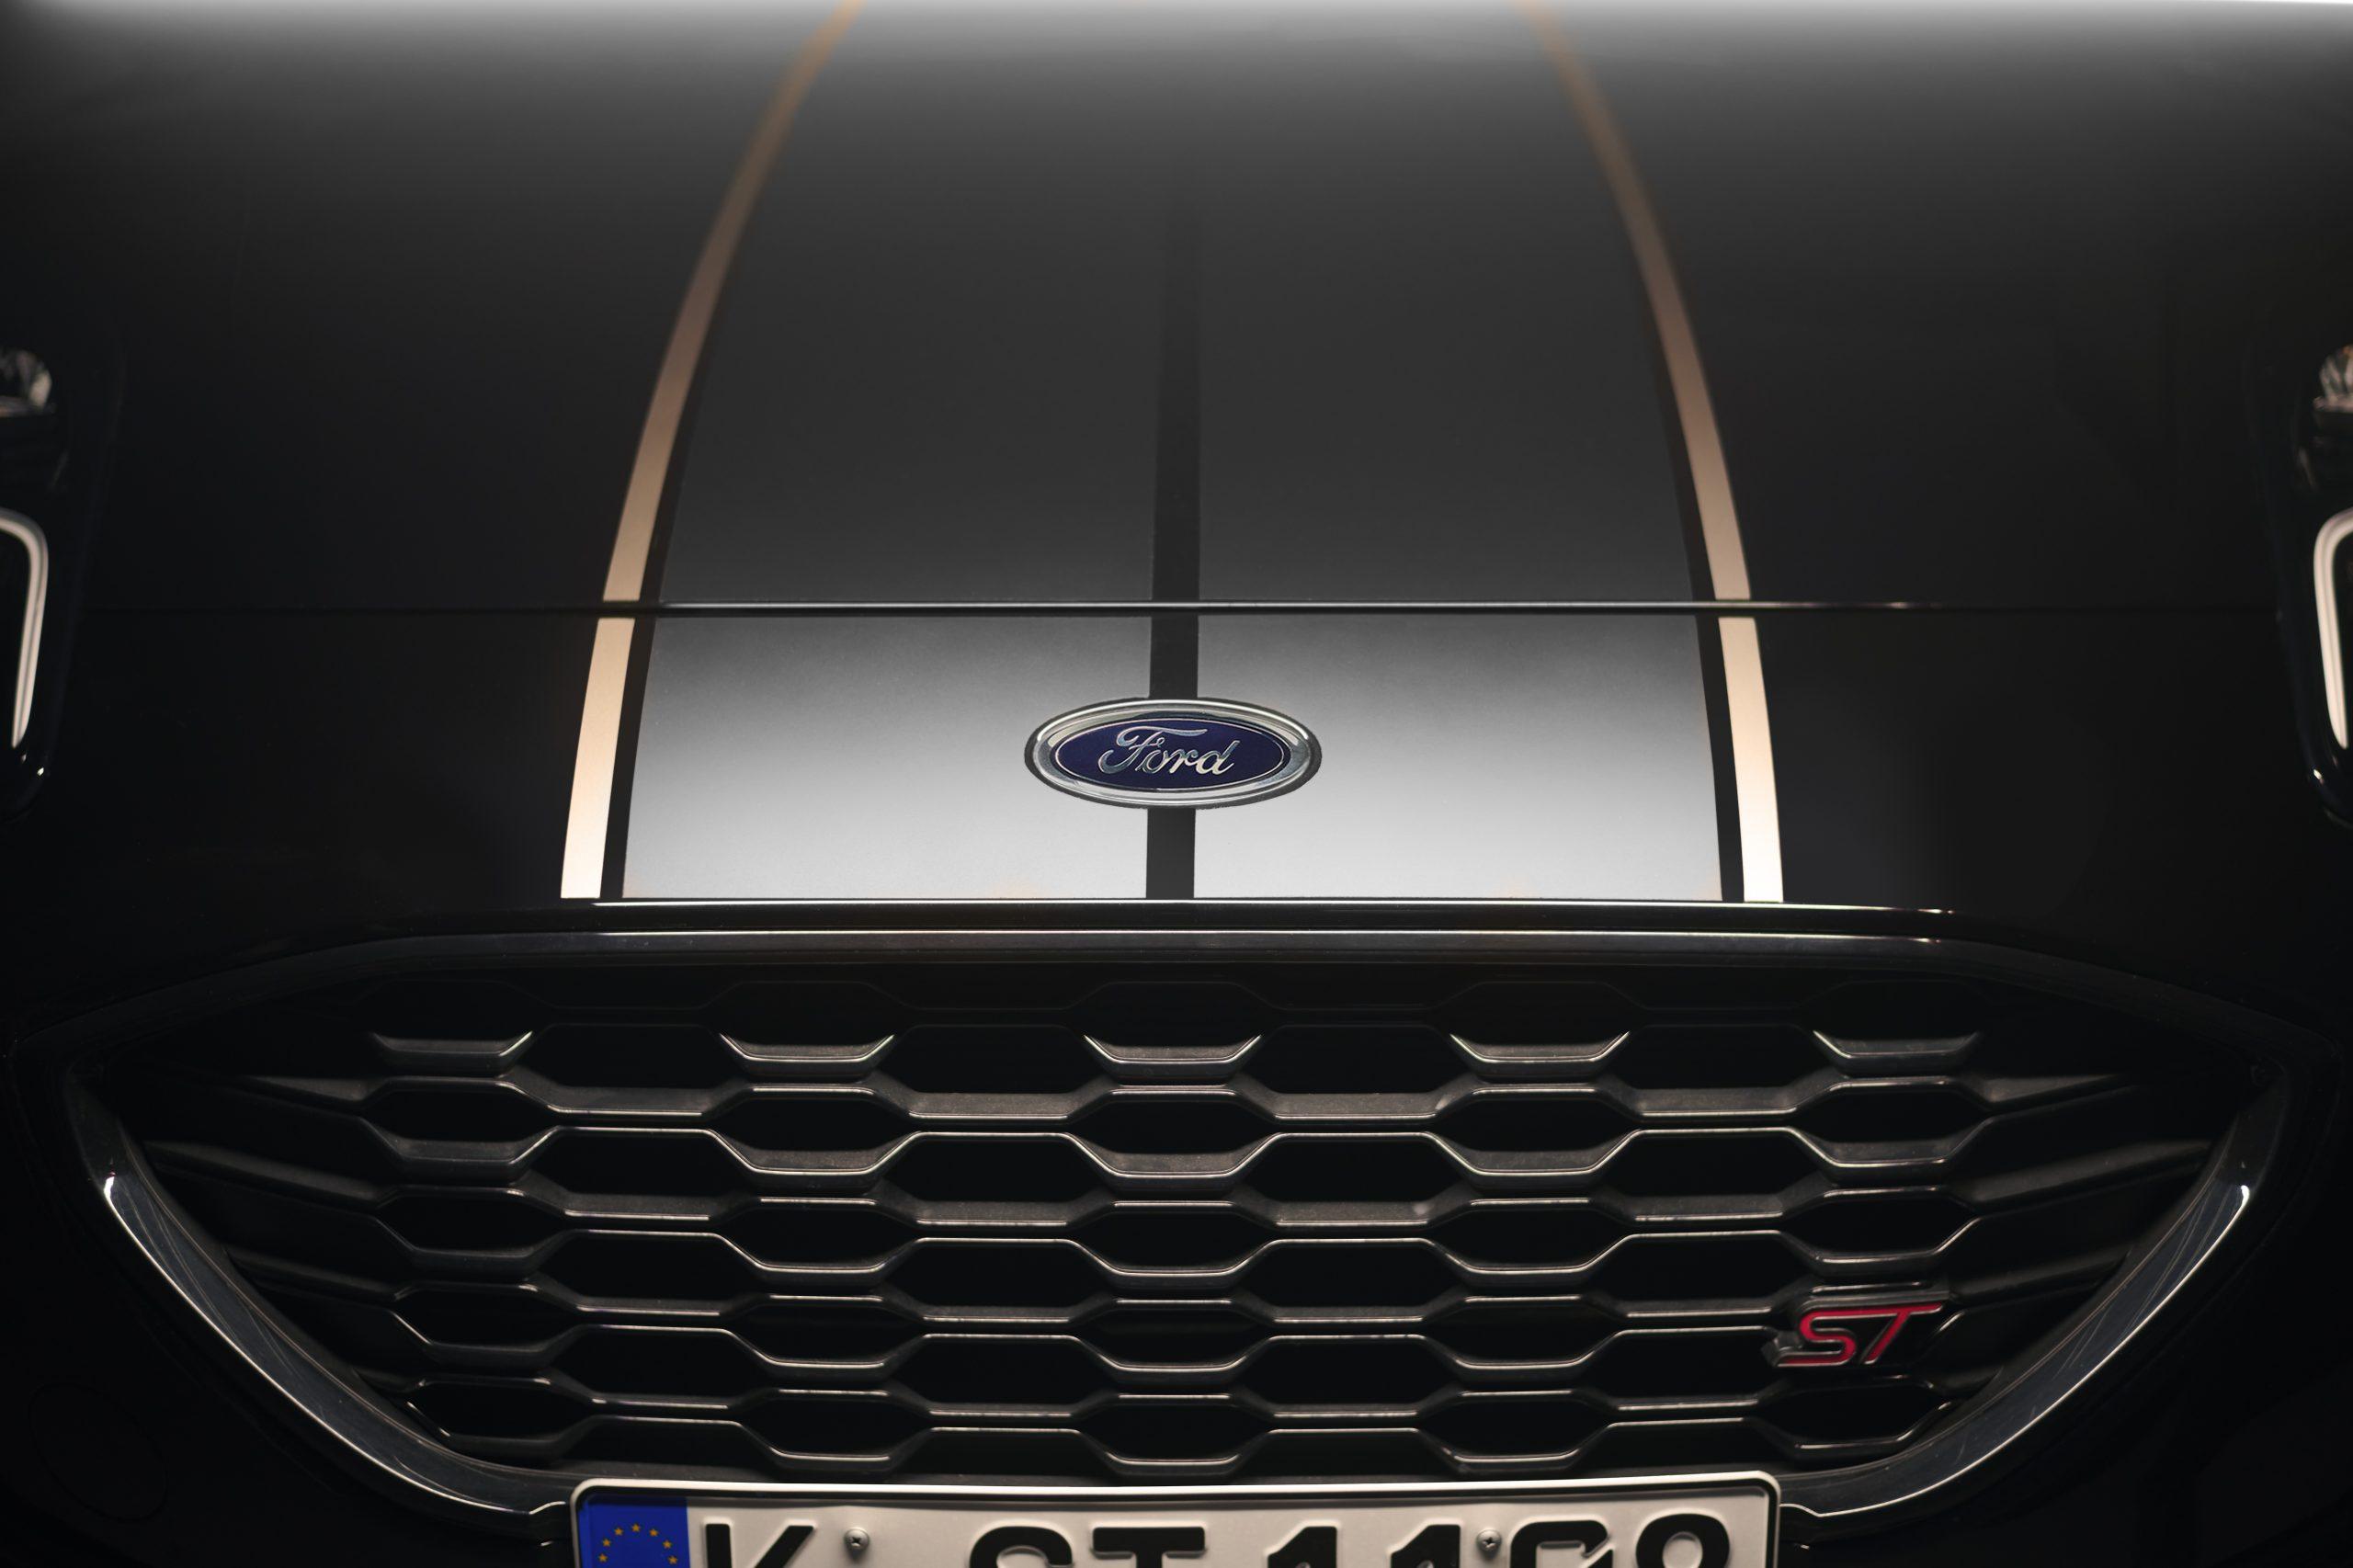 2021 FORD PUMA ST SIP 5 1 scaled Έρχεται το Ford Puma ST Gold Edition! Ford, Ford Puma, Puma, zblog, ειδήσεις, Νέα